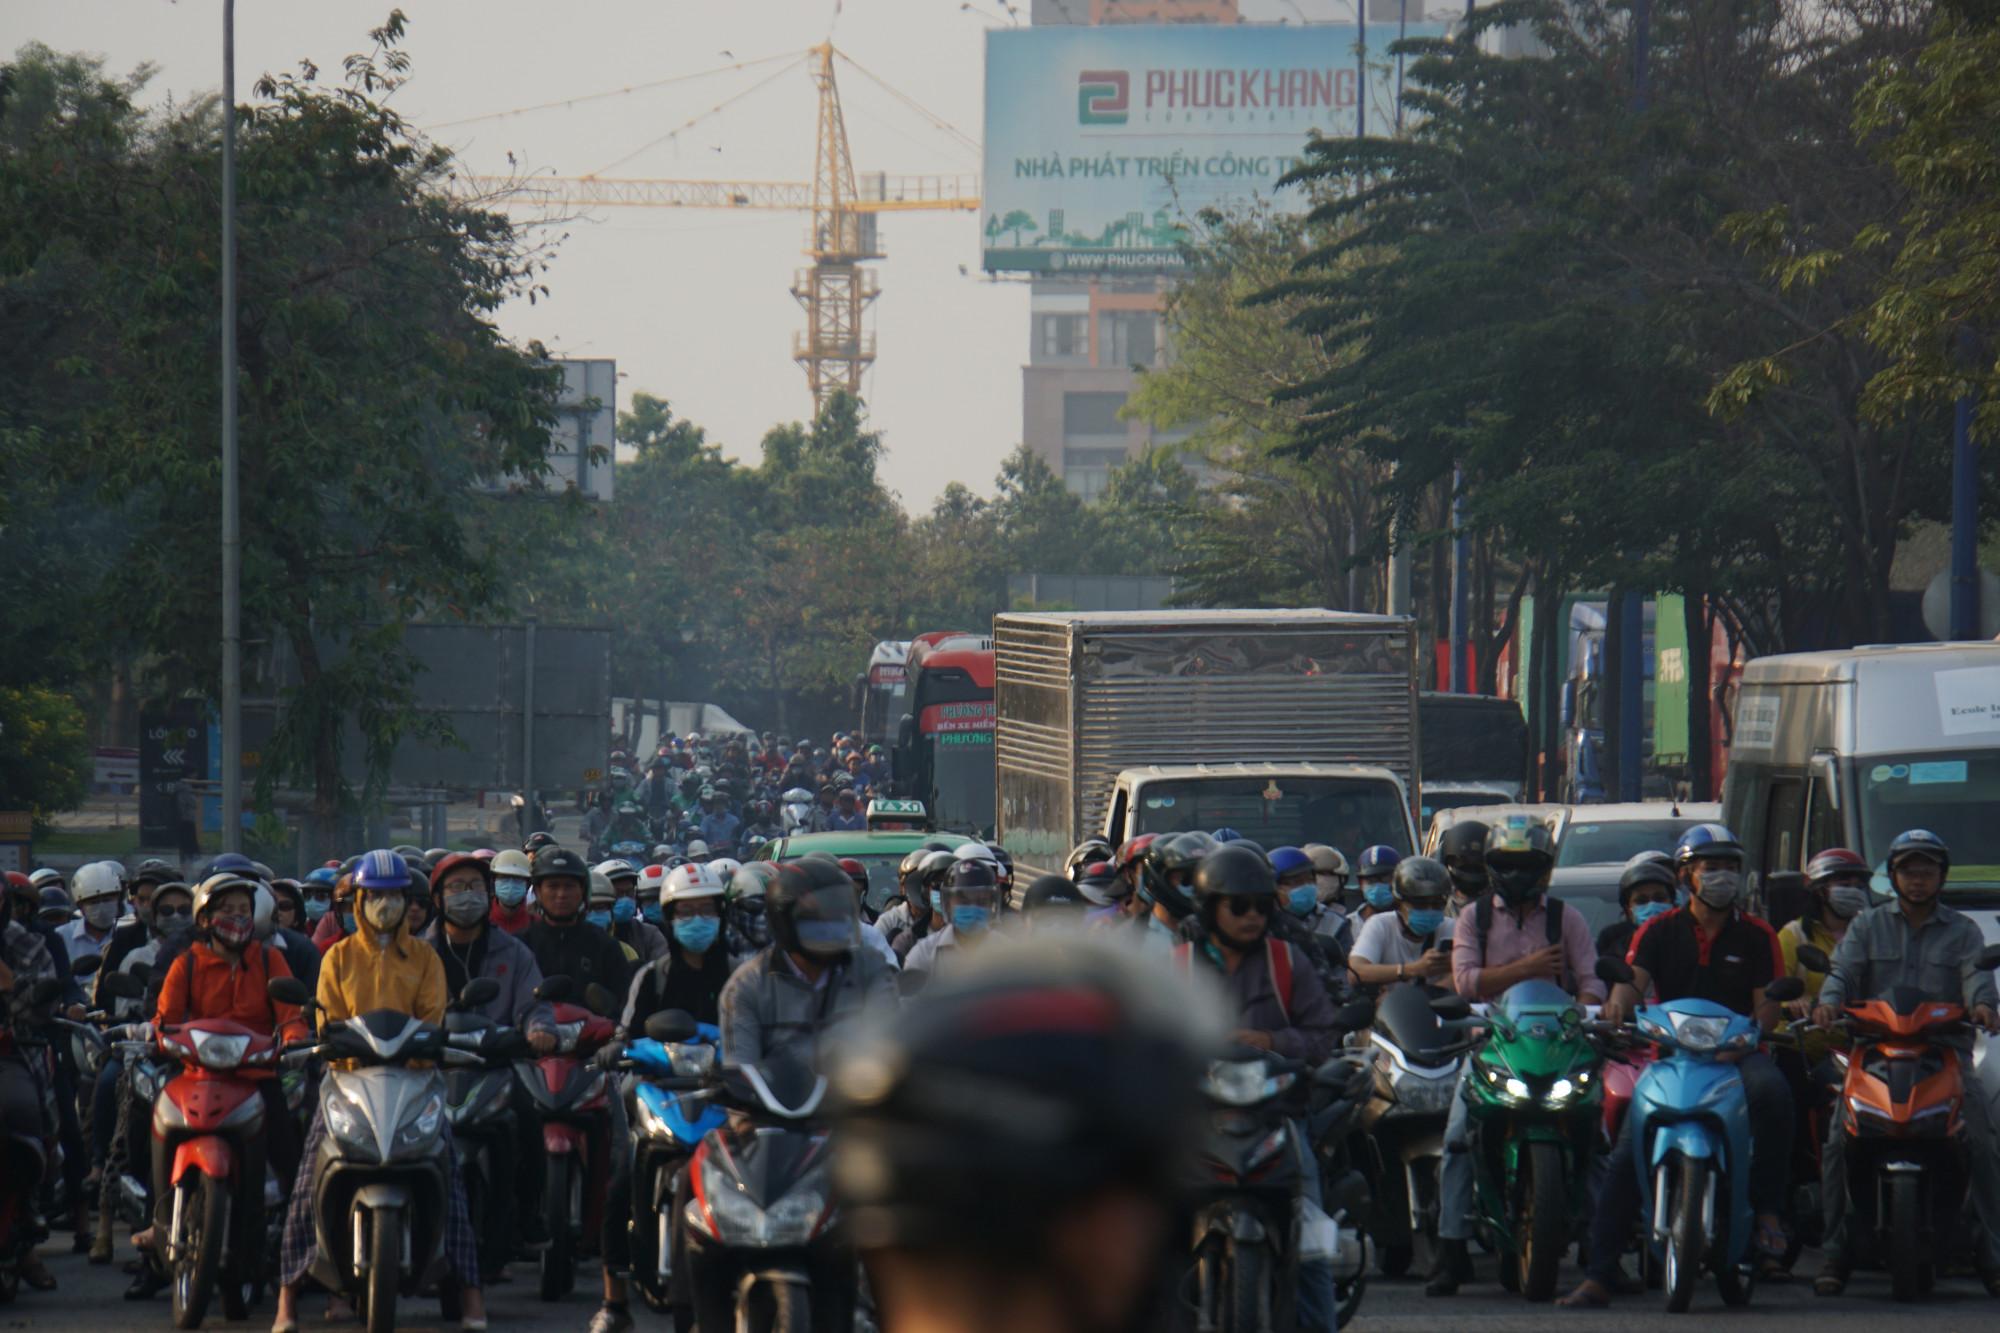 Đại lộ Mai Chí Thọ, theo hai hướng di chuyển đều xảy ra ùn ứ nghiêm trọng do lượng phương tiện  tăng đột biến